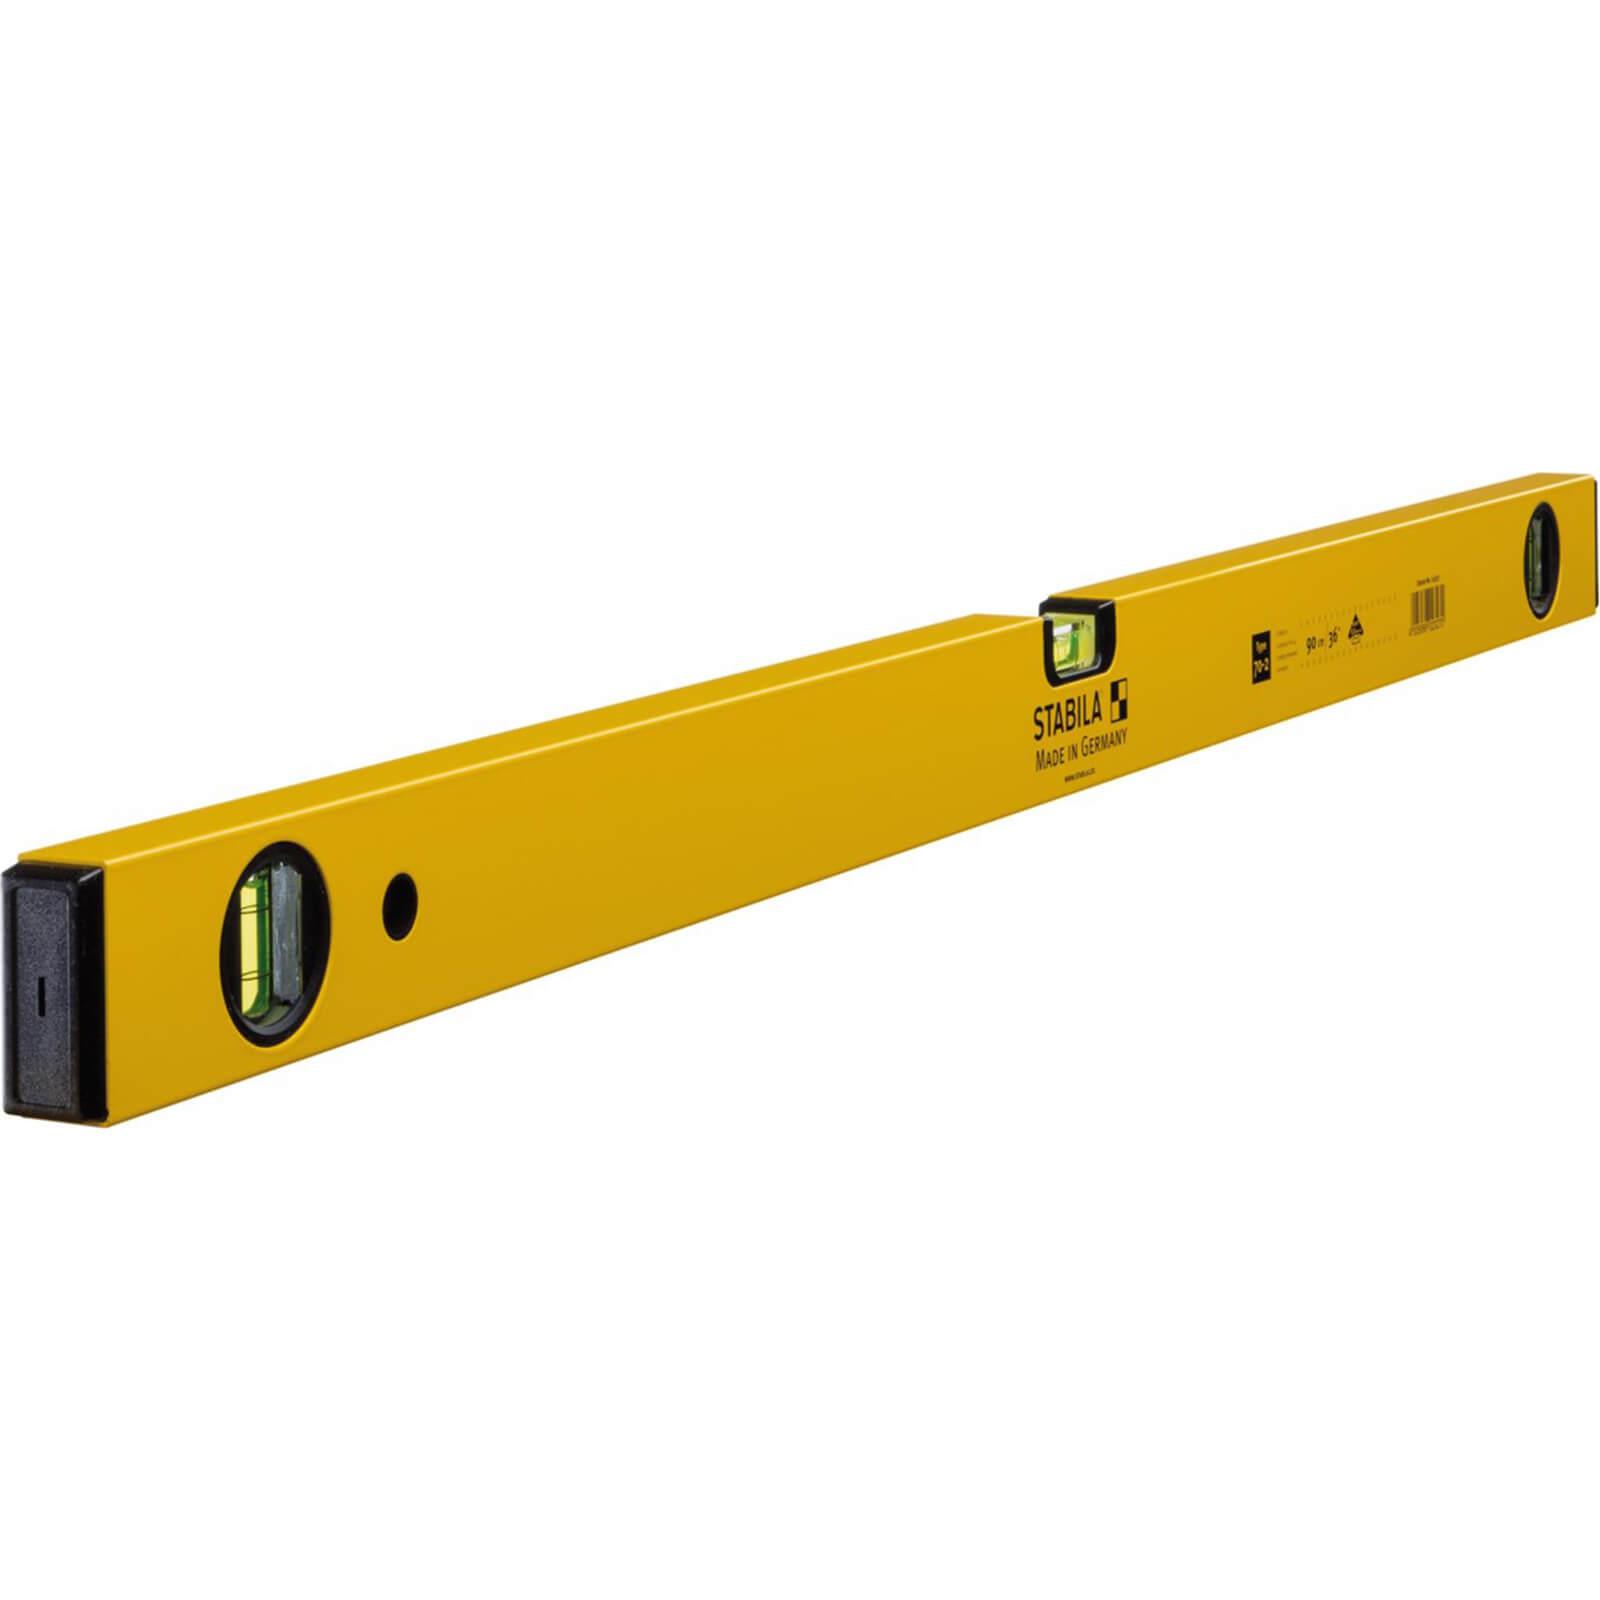 Stabila 70-2 3 Vial Spirit Level 80cm / 32